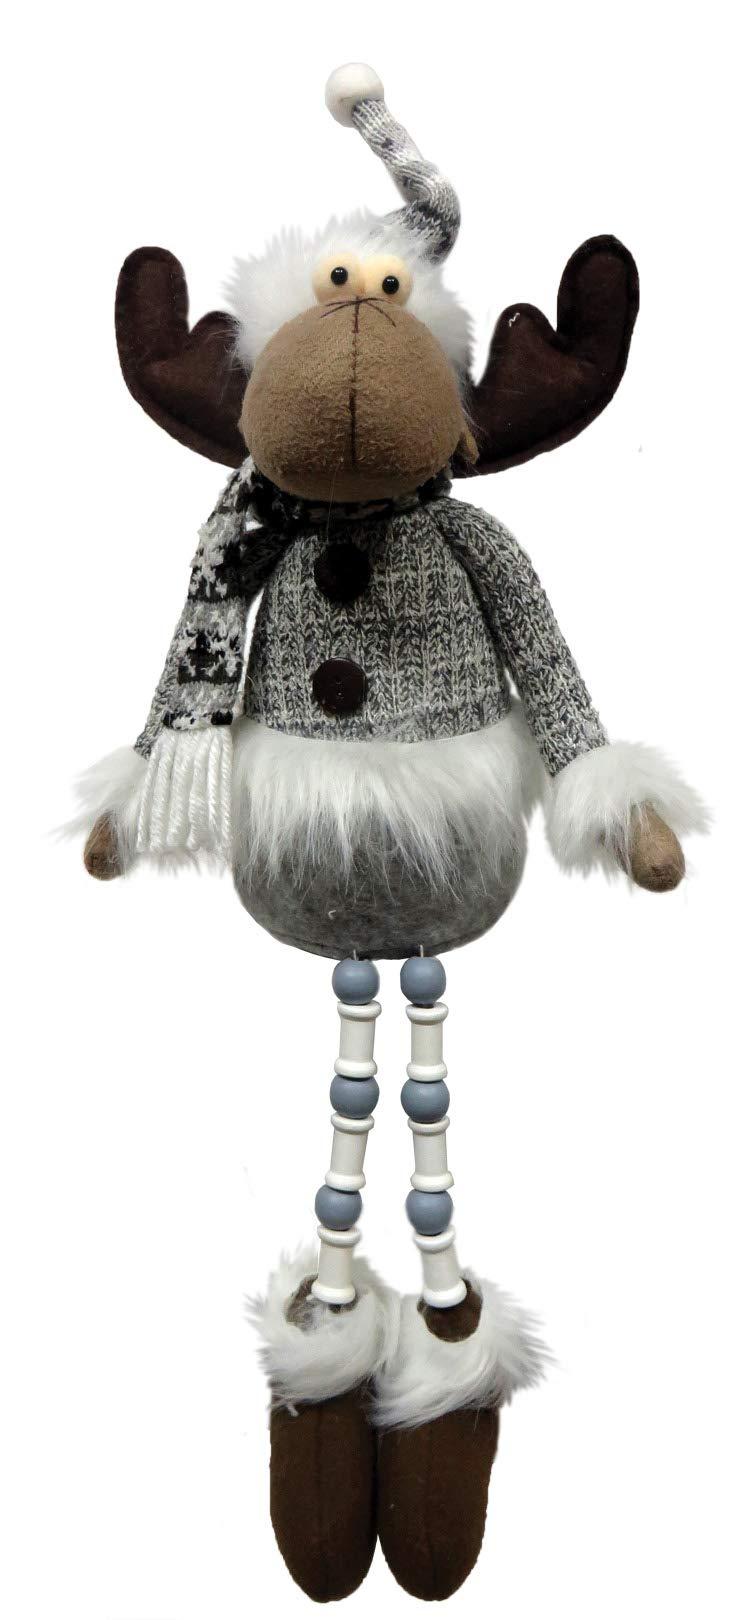 Santa's Workshop Arctic Moose Dangles Plush 16'' Tall Brown/White/Gray